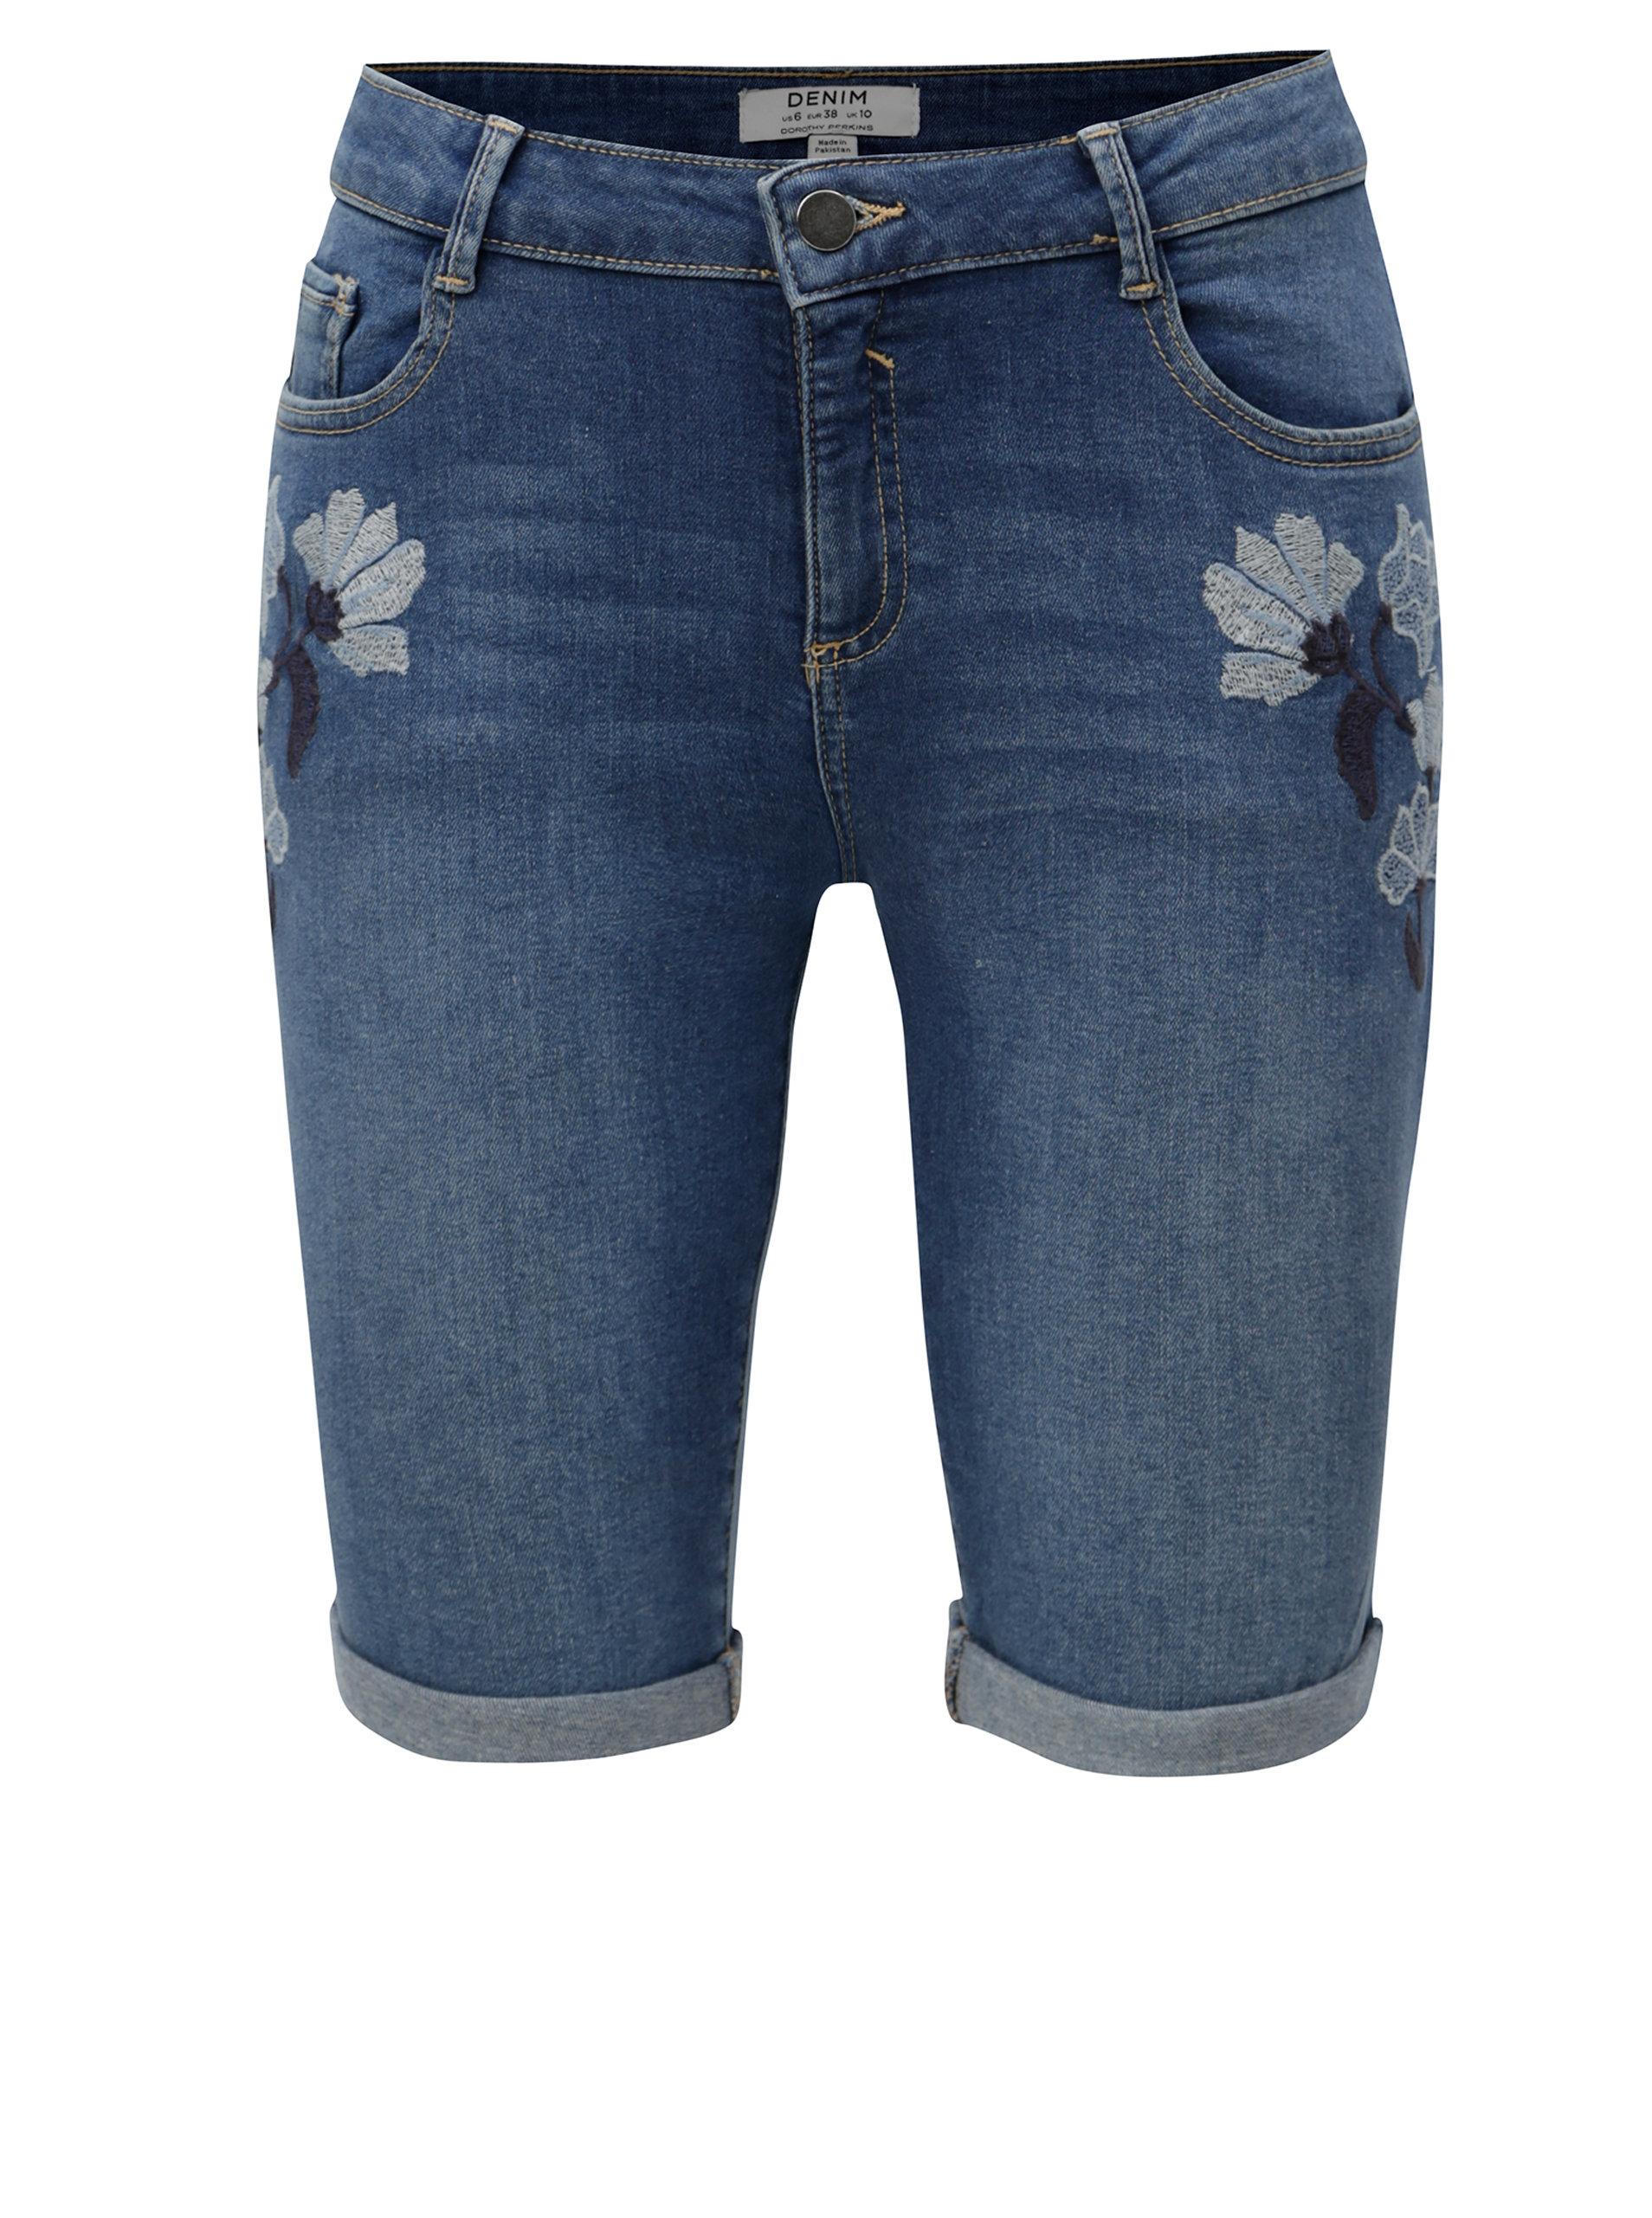 Modré džínové regular kraťasy s výšivkou květin Dorothy Perkins